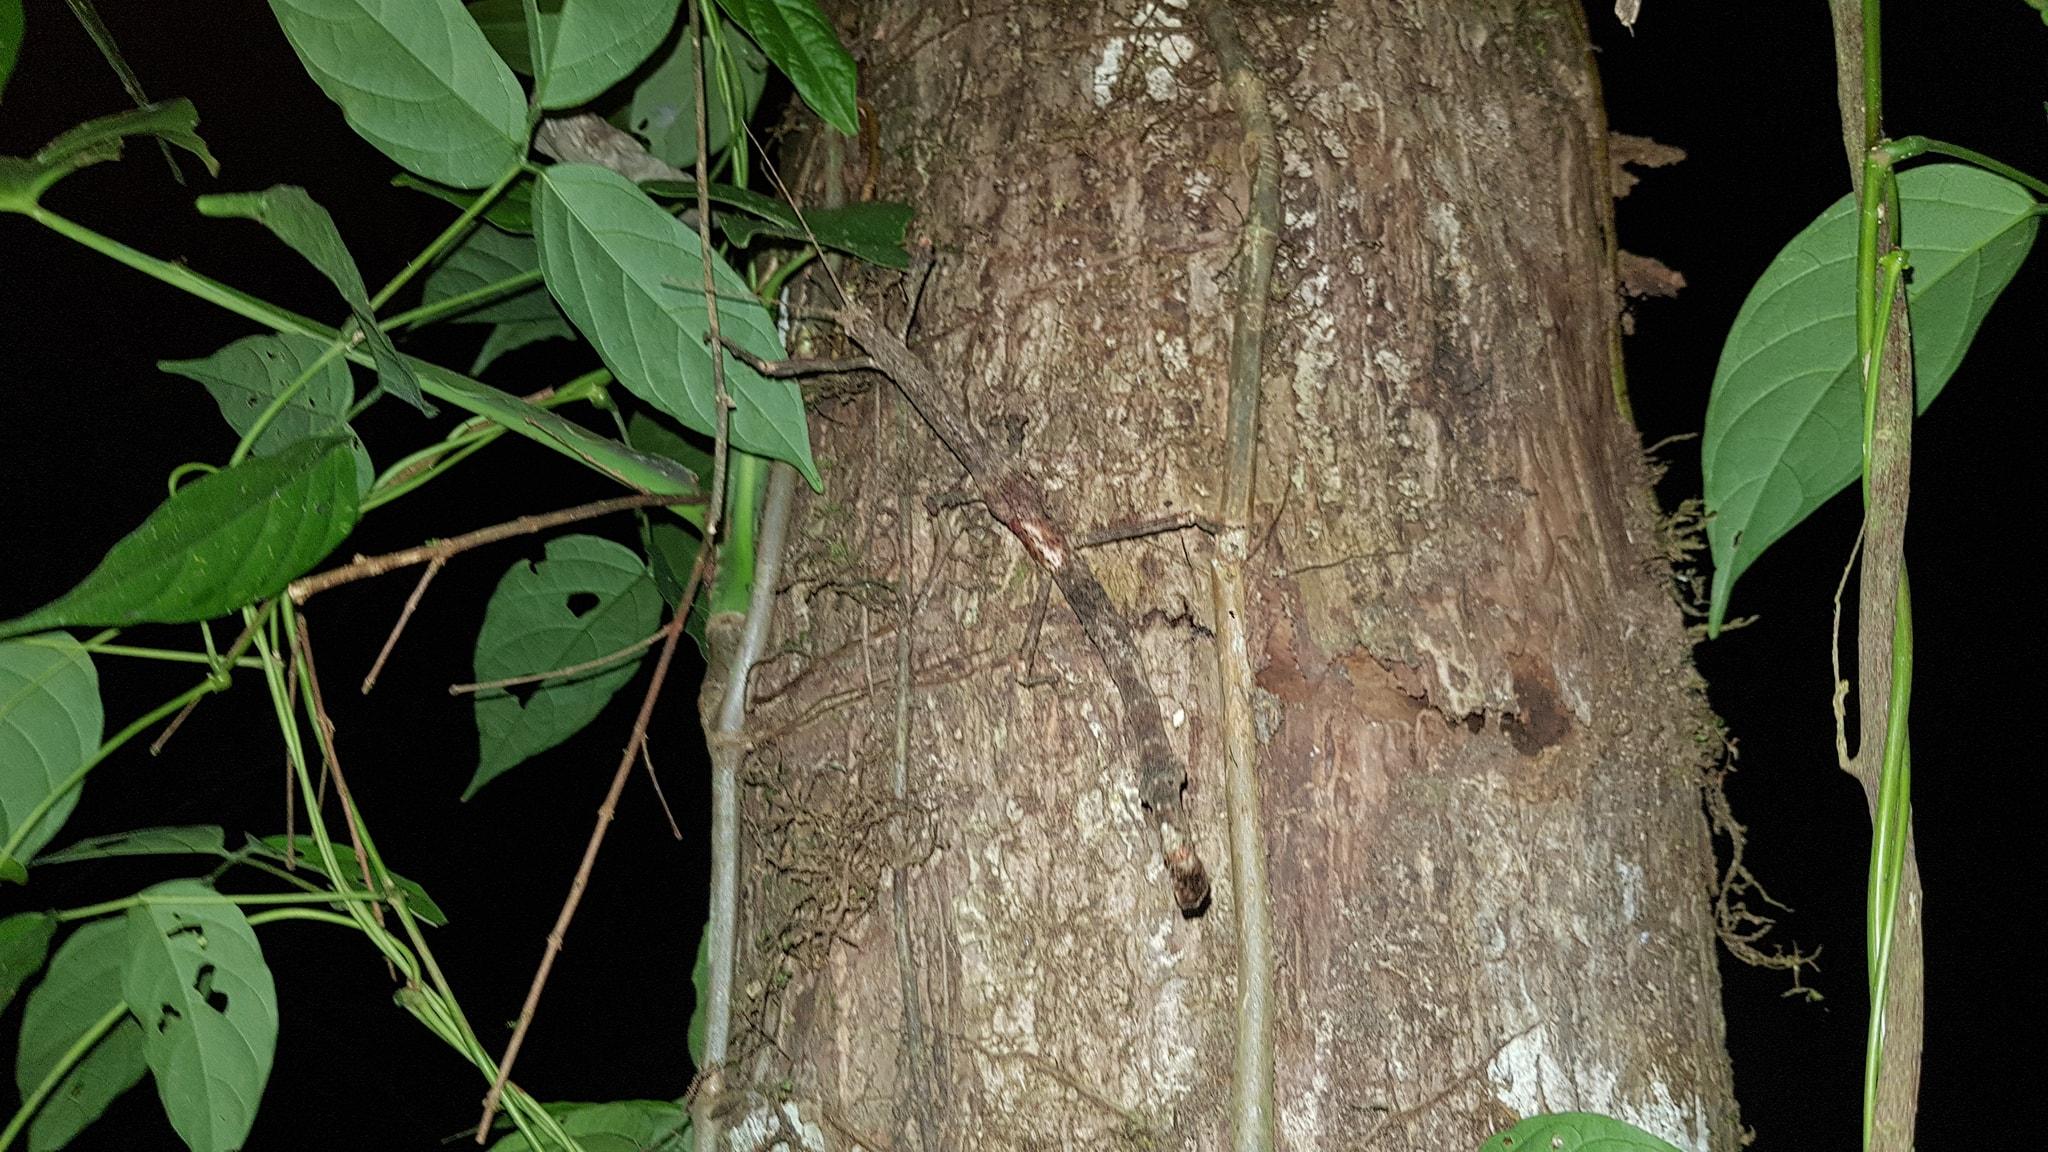 """A """"friend"""" Darren found on the way down in the dark. Photo: Darren Grigas"""